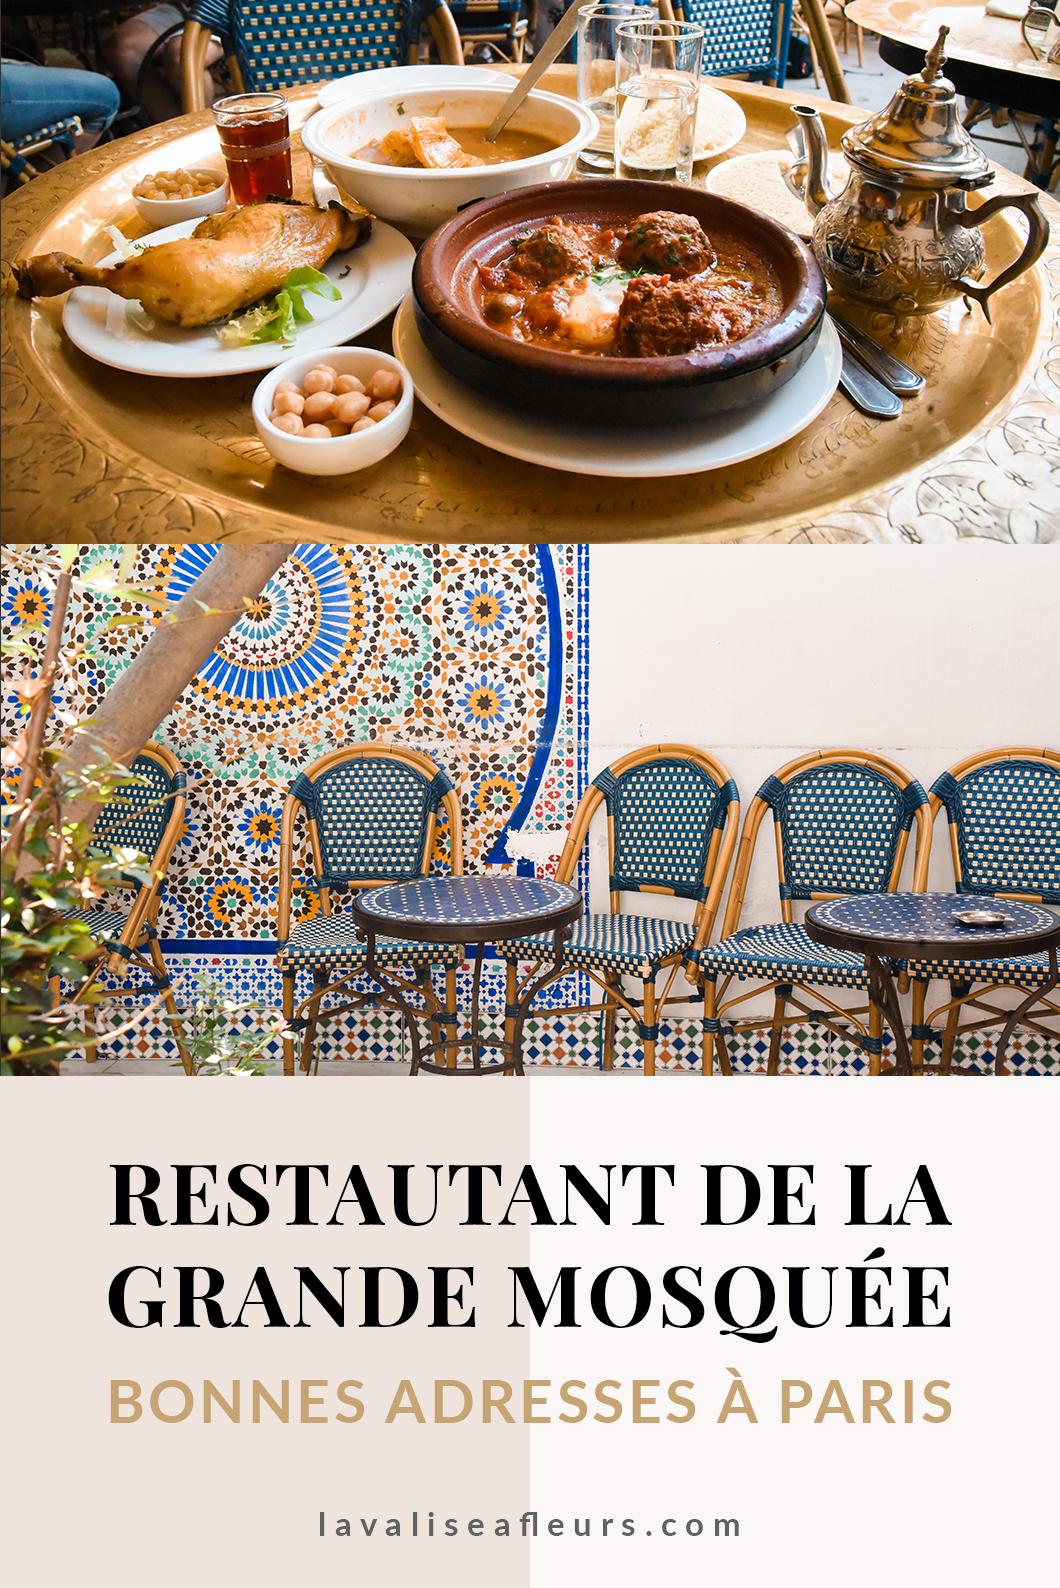 Restaurant de la Grande Mosquée nos bonnes adresses à Paris